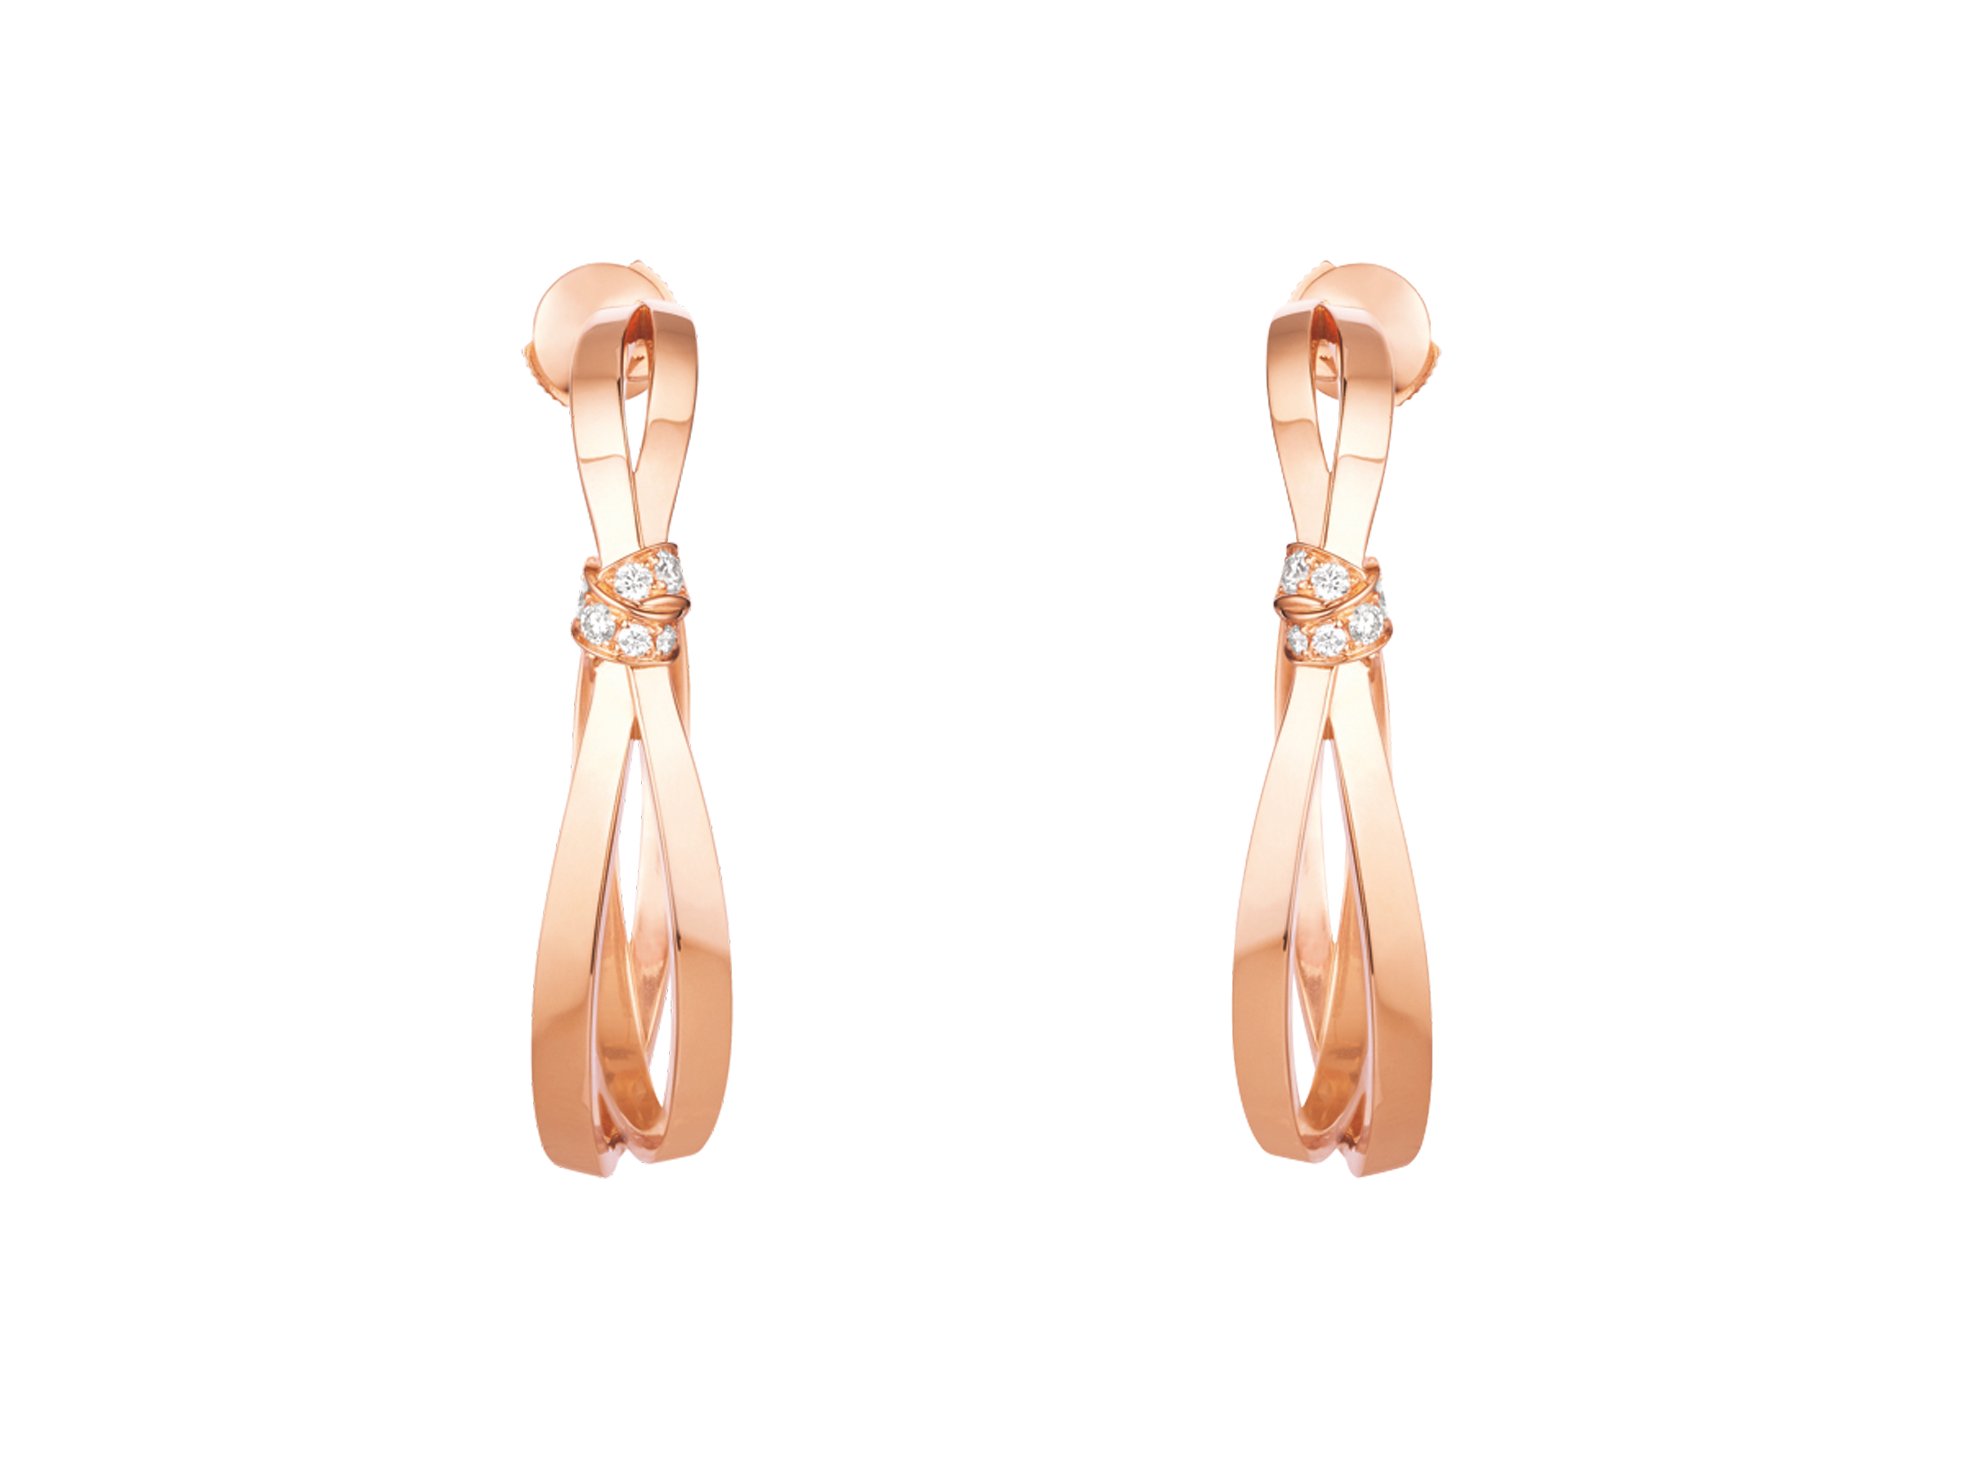 「■「リアン・セデュクシオンン」イヤリング/¥723,600(日本国内ショーメブティック価格)」のイメージ画像